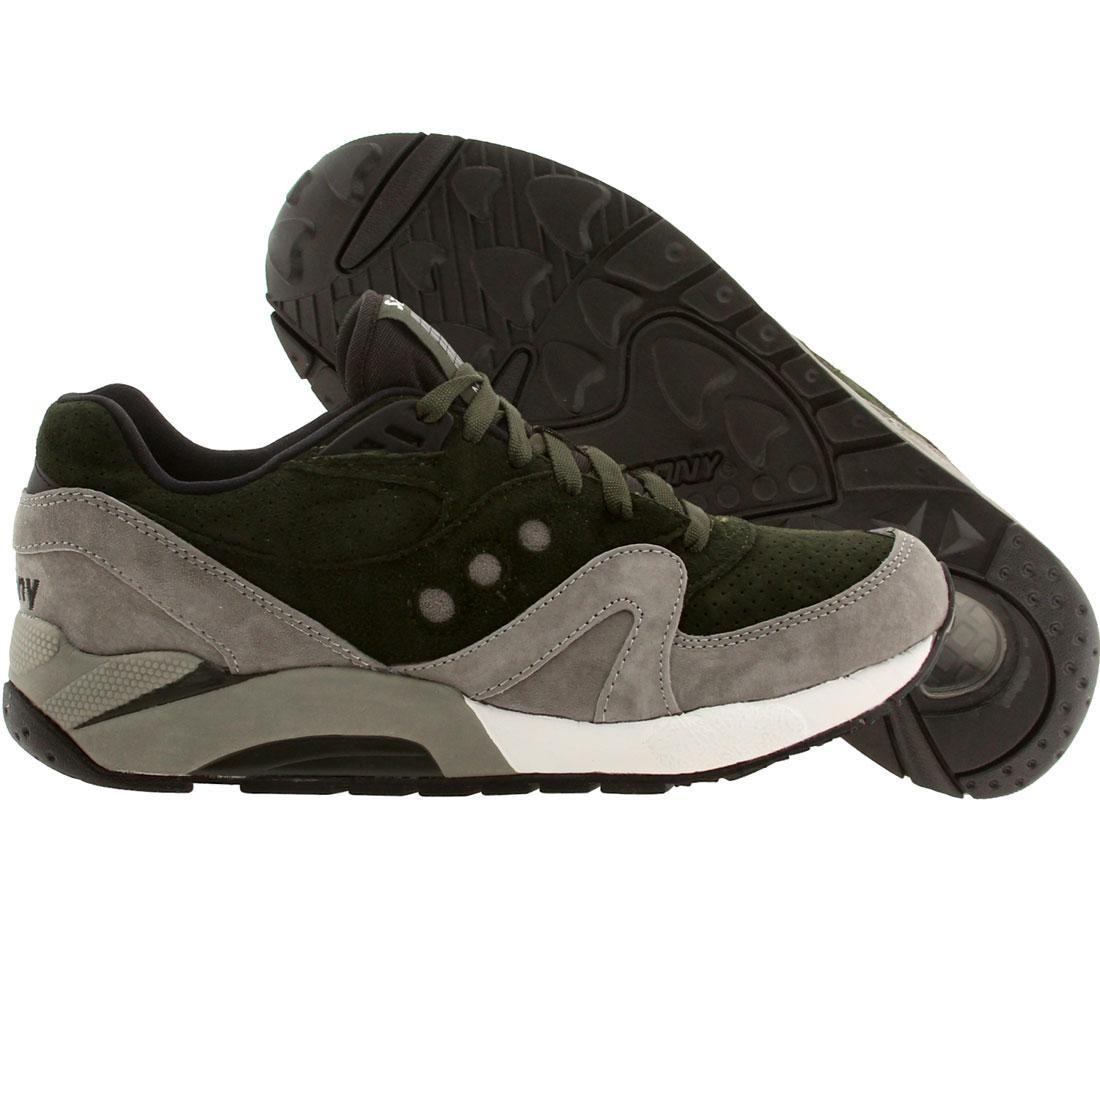 【海外限定】サッカニー メンズ靴 スニーカー 【 SAUCONY MEN G9 CONTROL GREEN GREY 】